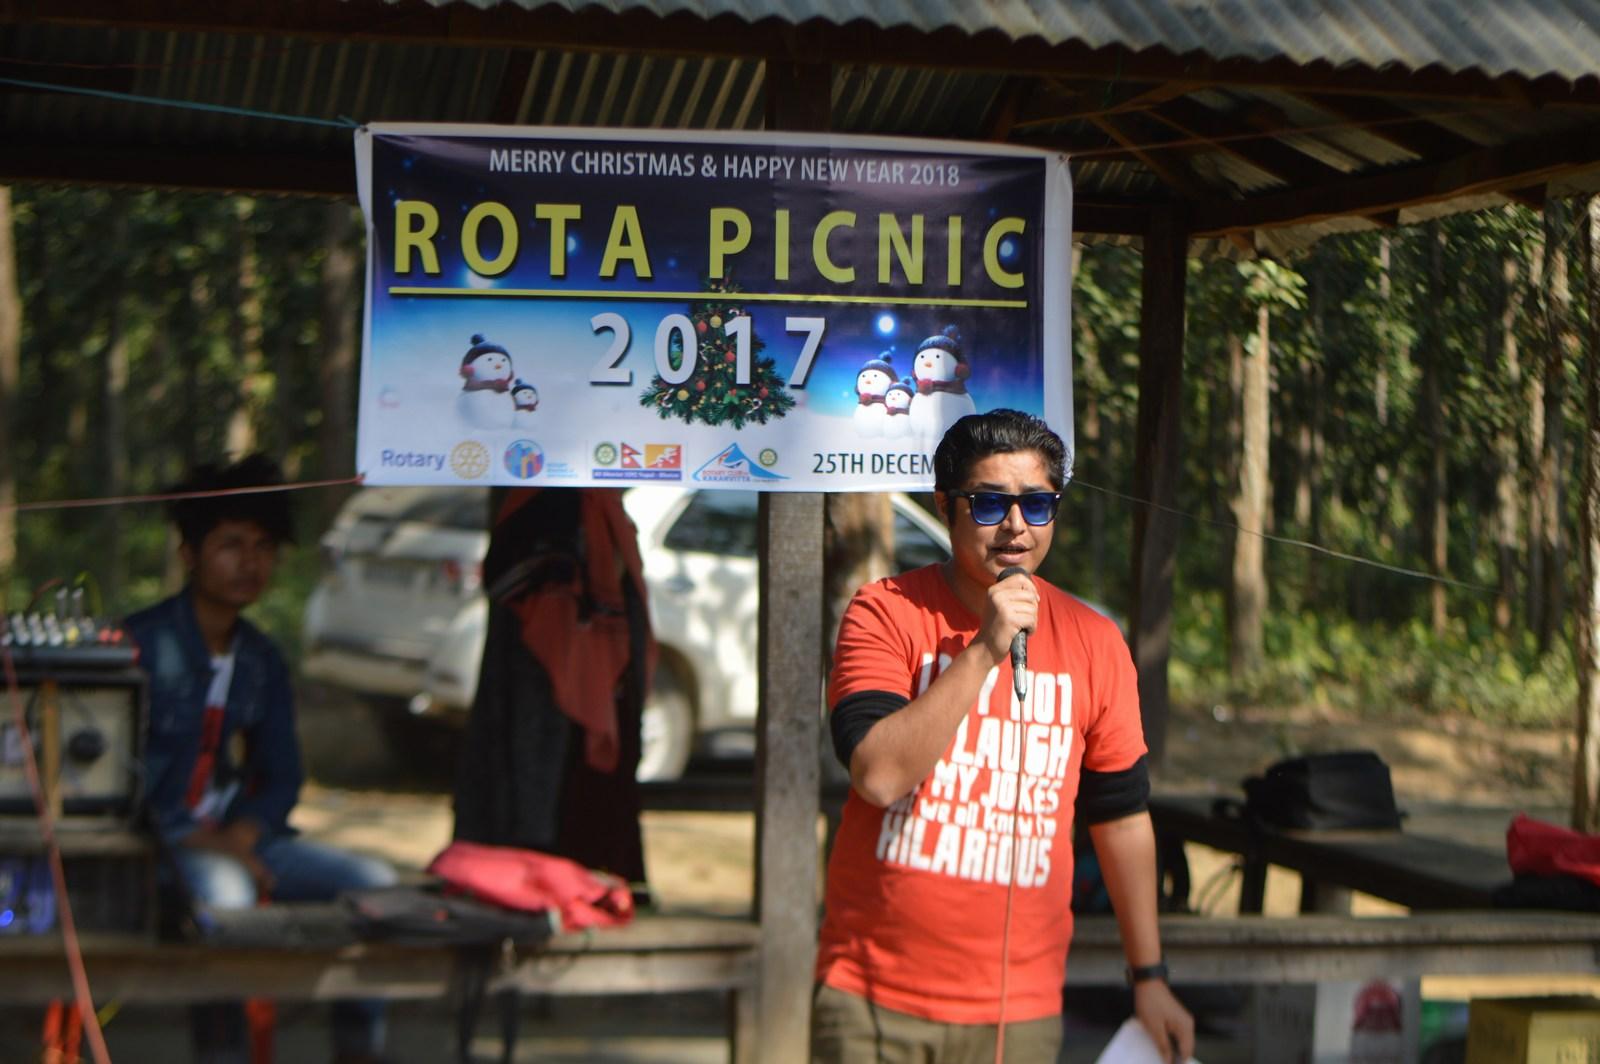 Rota-Picnic-2017-Rotary-Club-of-Kakarvitta-78